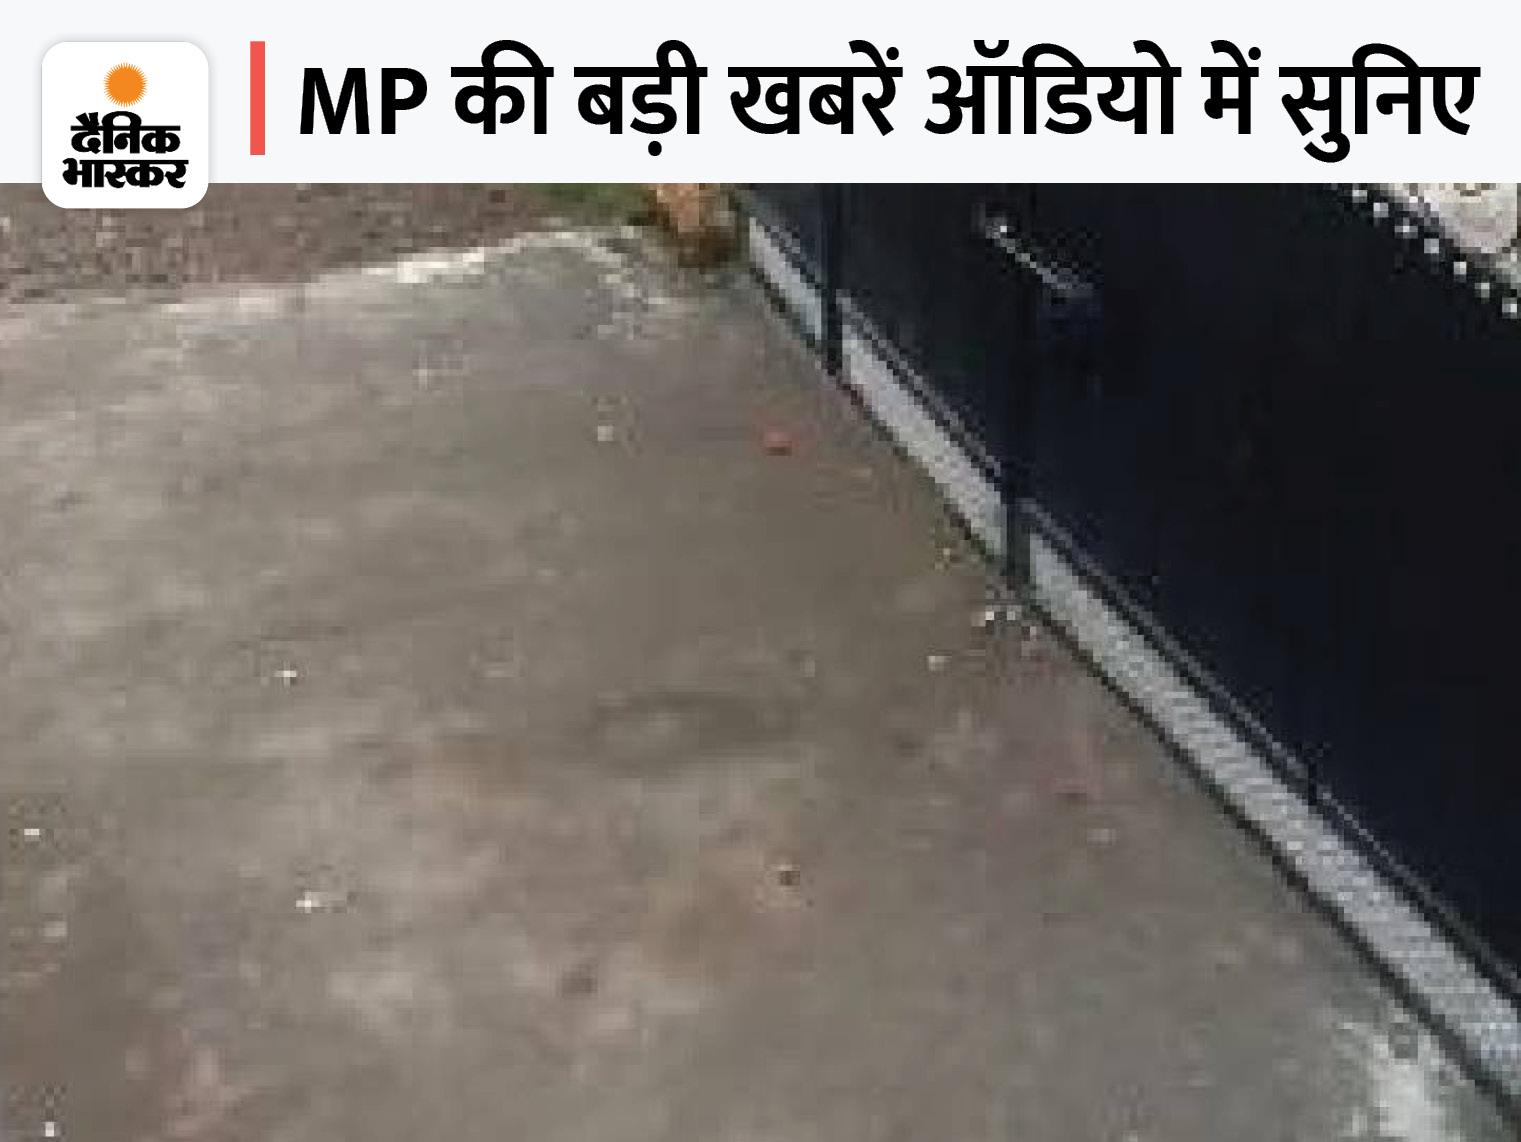 भोपाल में 10वीं की छात्रा से गैंगरेप, सागर में कांग्रेस ने प्रदर्शन कर फेंके अंडे-टमाटर, तवा डैम 7 गेट खोले, इंदौर में MLA और निगम अफसर के बीच विवाद|मध्य प्रदेश,Madhya Pradesh - Dainik Bhaskar